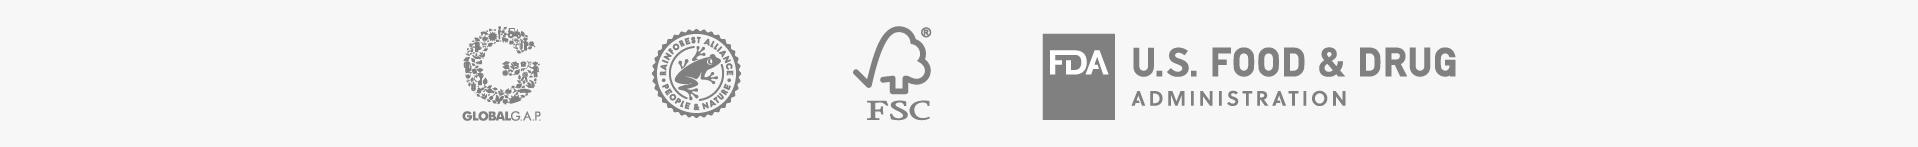 logos333